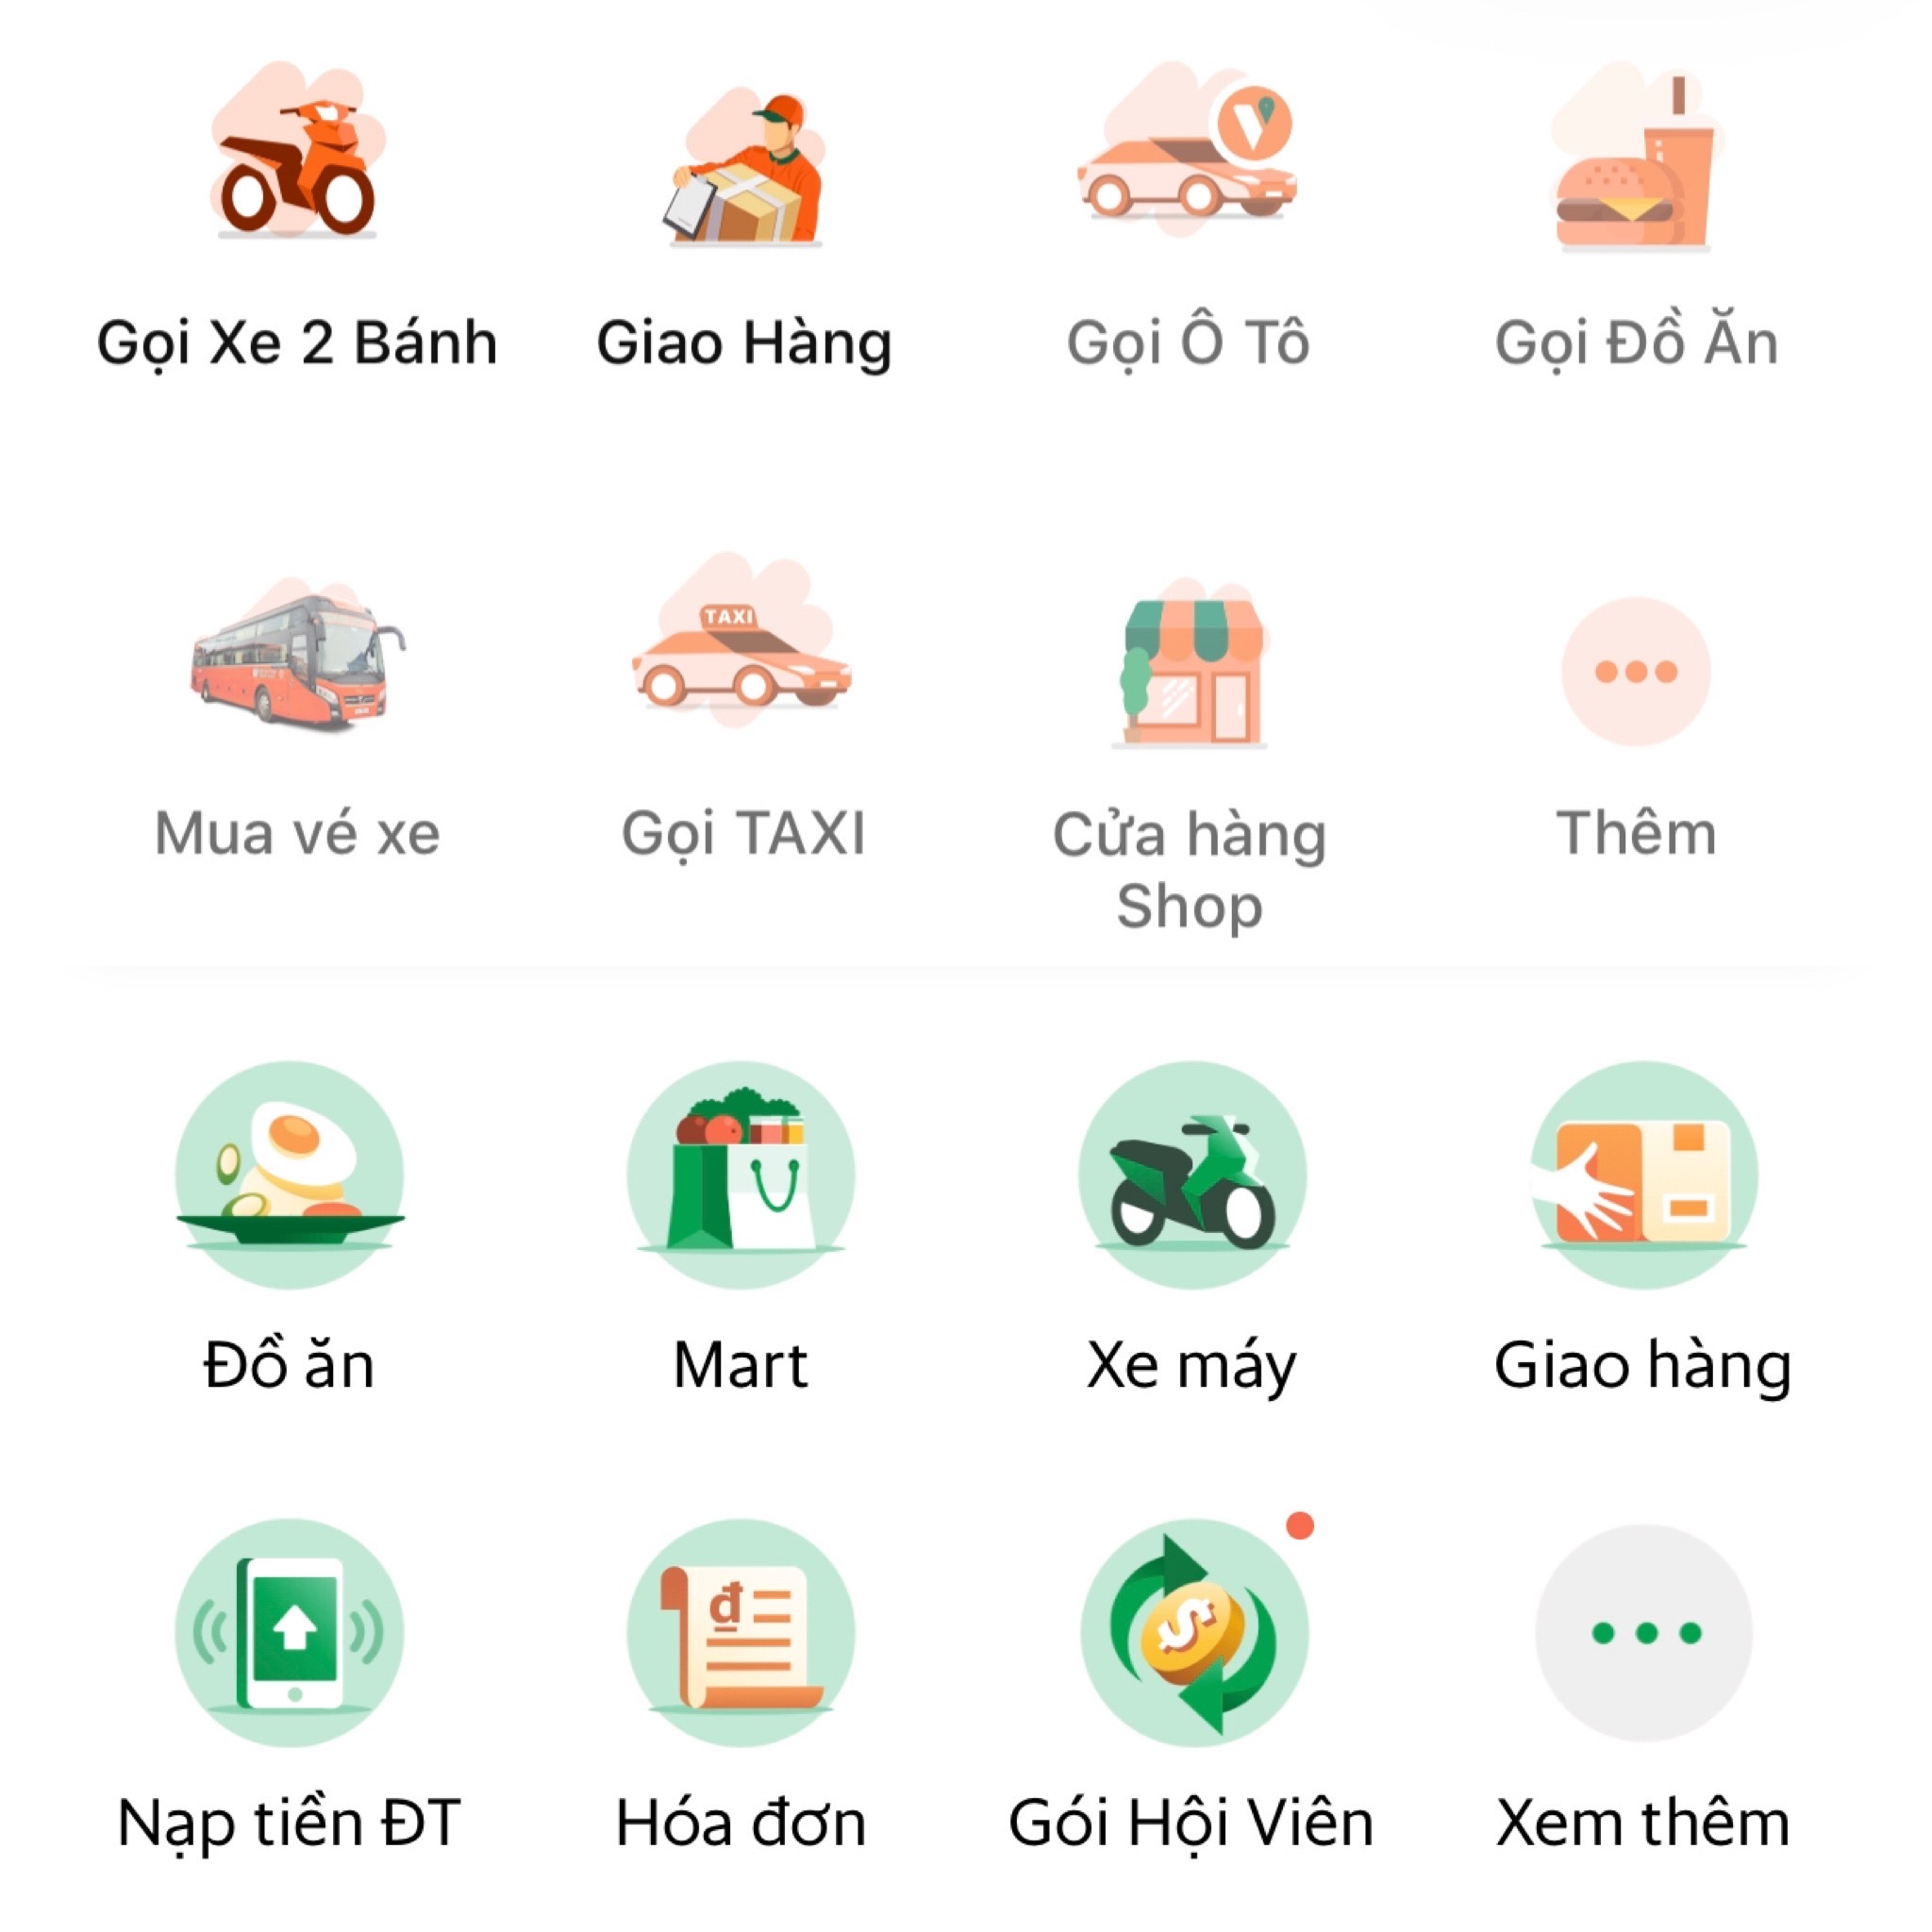 Nhiều ứng dụng gọi xe tại Việt Nam ẩn dịch vụ xe 4 bánh, xe đi tỉnh, mua vé xe,